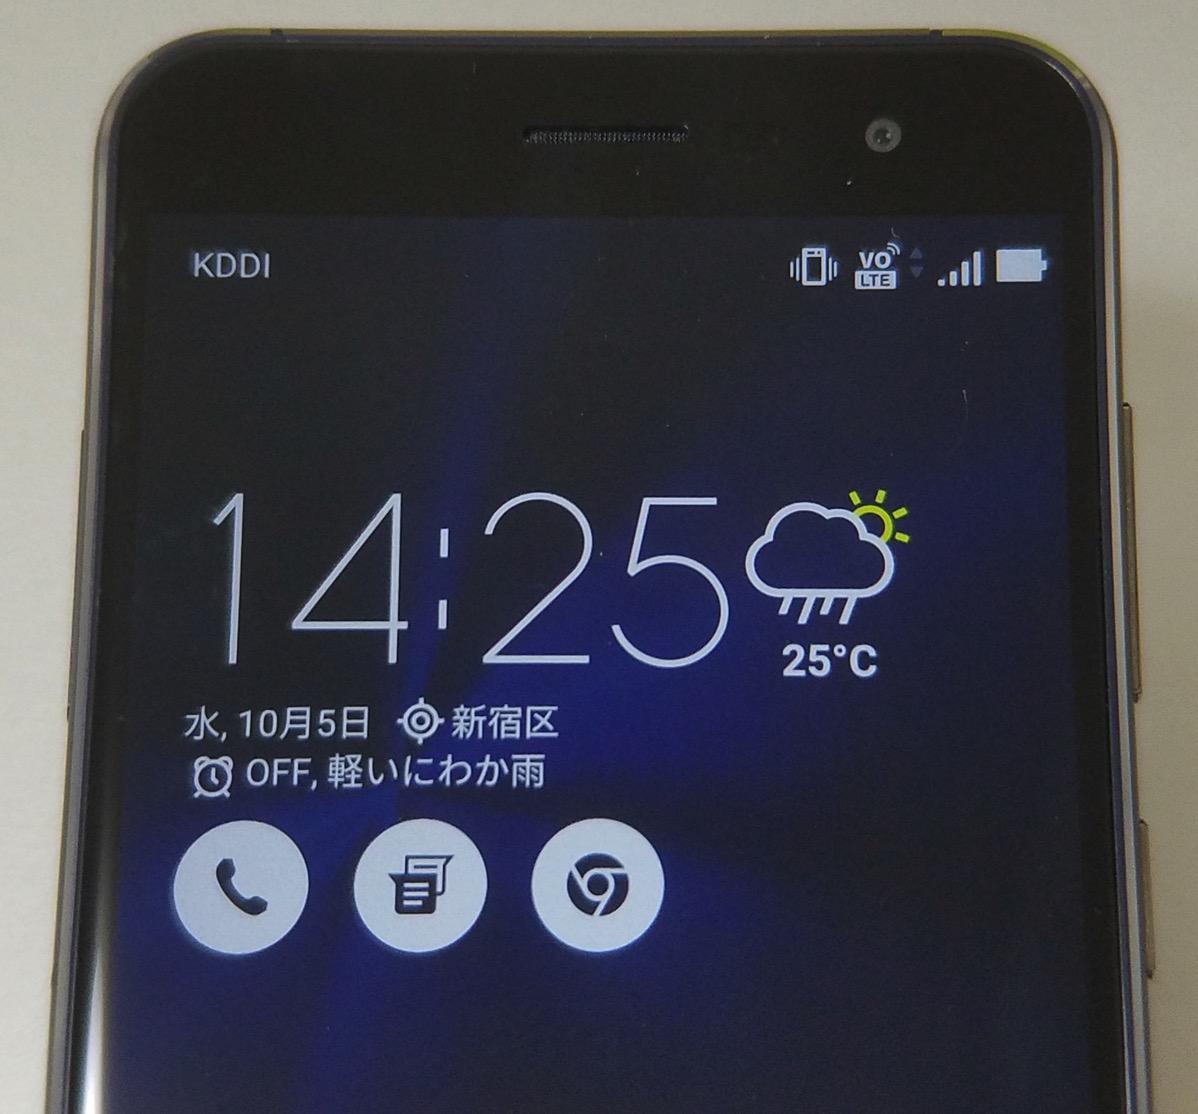 ZenFone 3、台湾版でもau VoLTEが利用可能→その後システム更新で不可能に